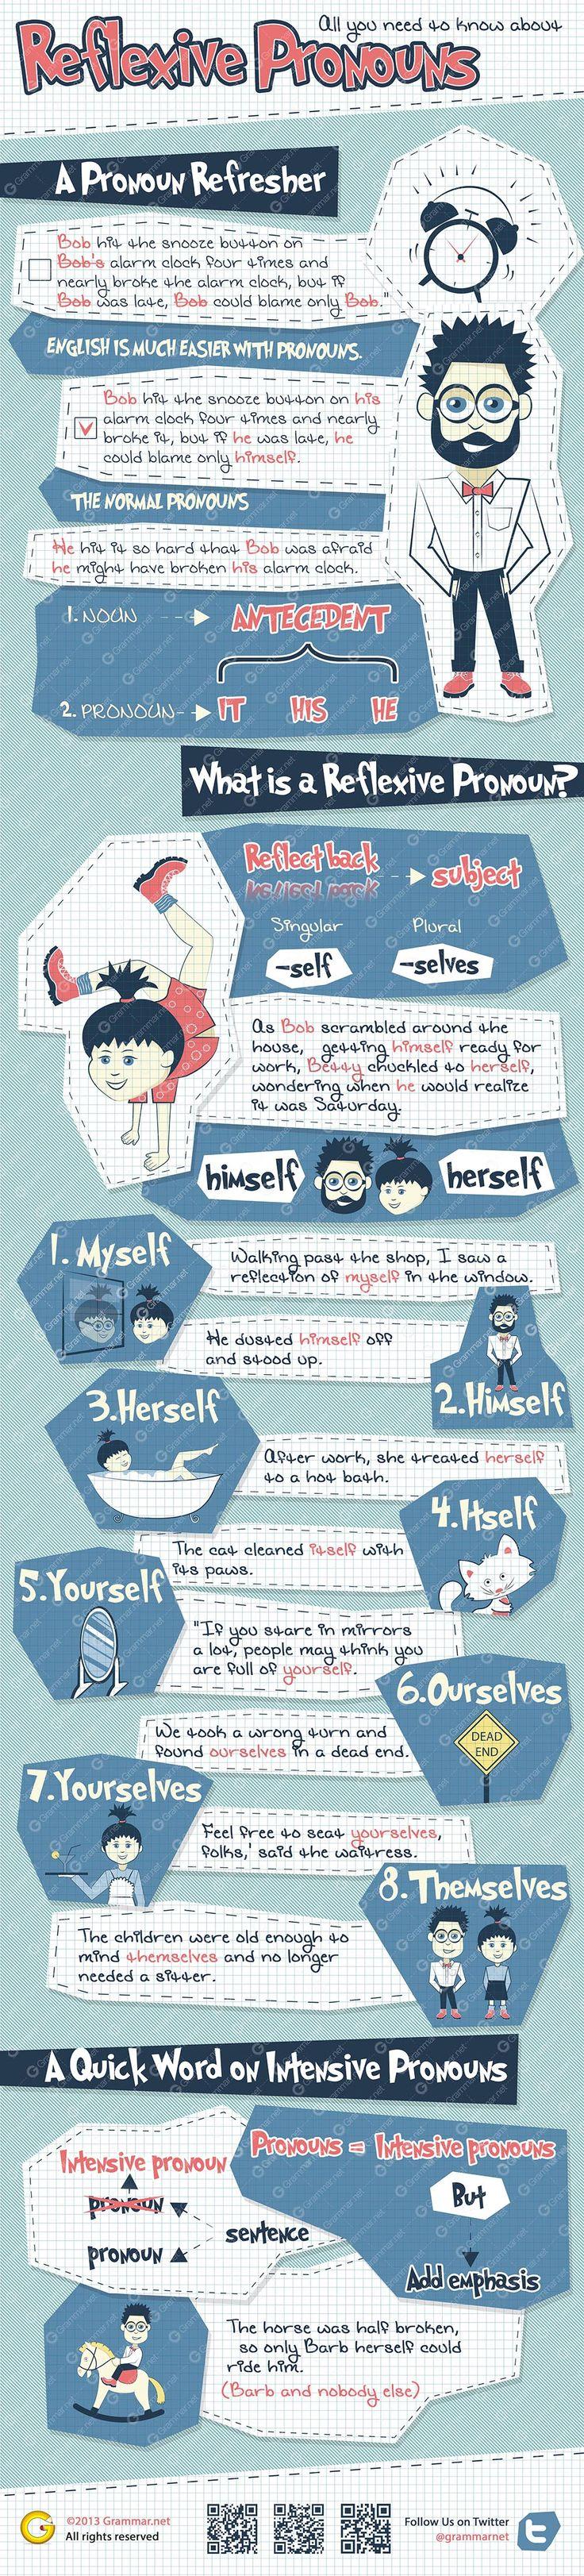 Aprende inglés: reflexive pronouns vía: www.granmar.net #infografia #infographic #education